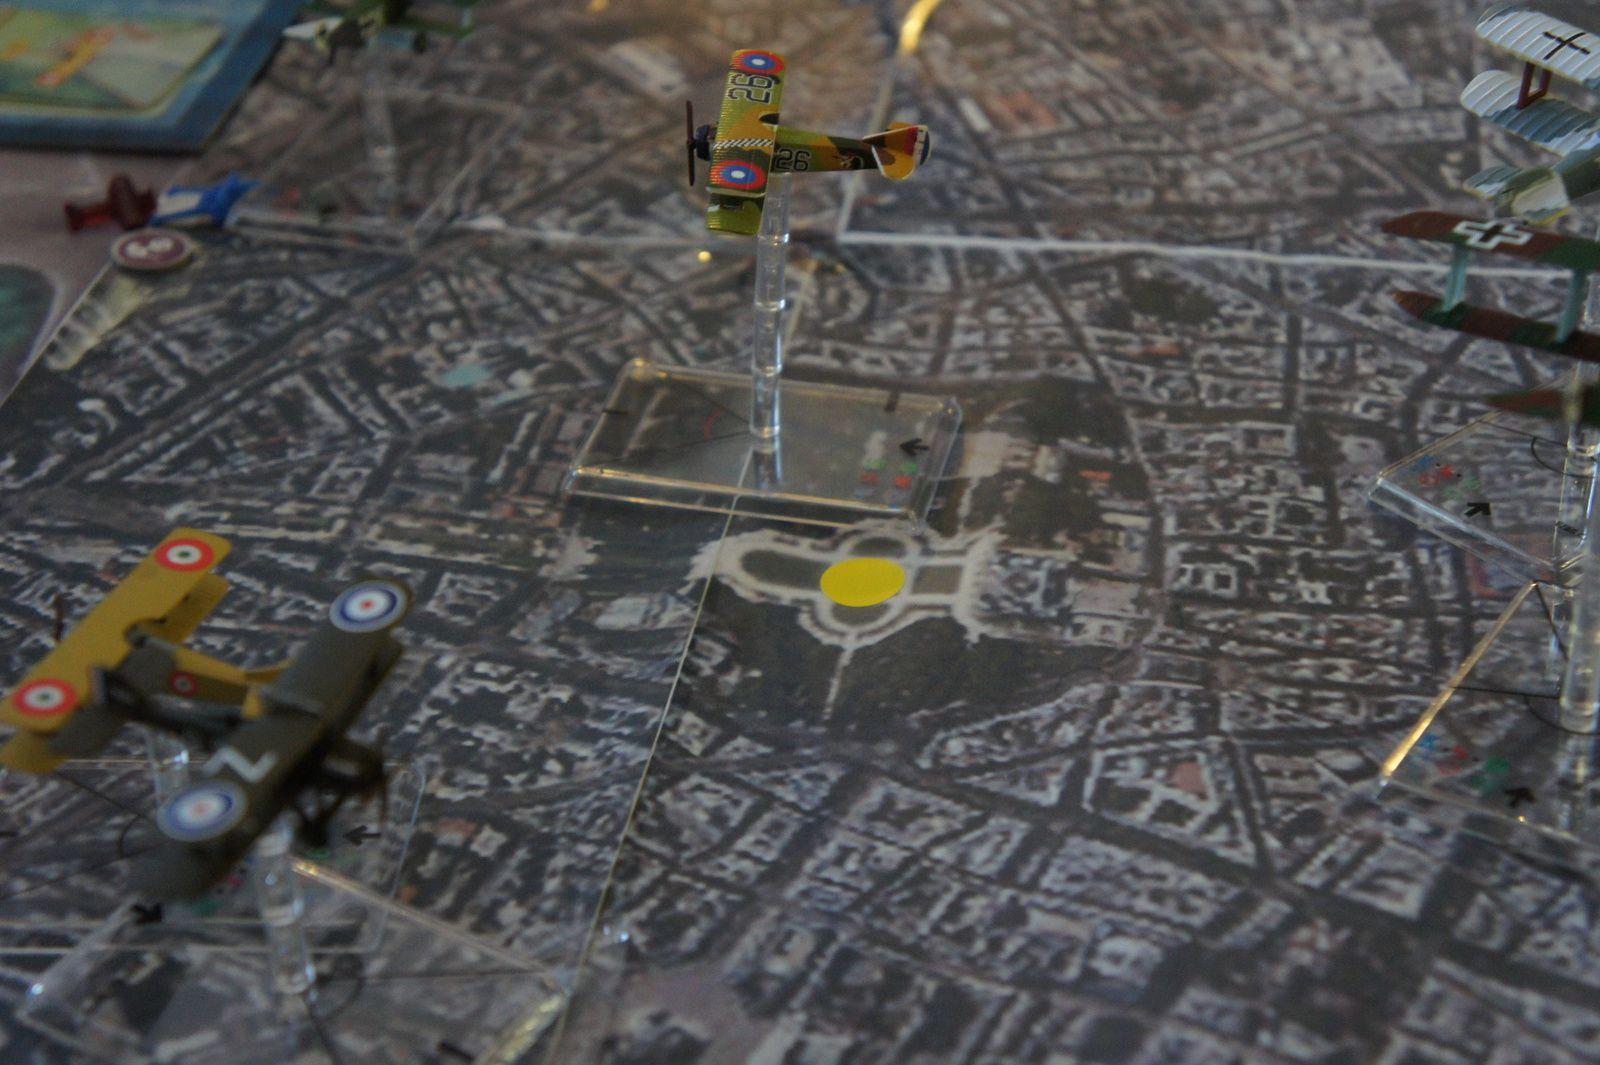 La ruse Allemande a fonctionné, les alliés ont concentrés une partie de leur forces sur ces quatres biplans dont deux sont des leurres !